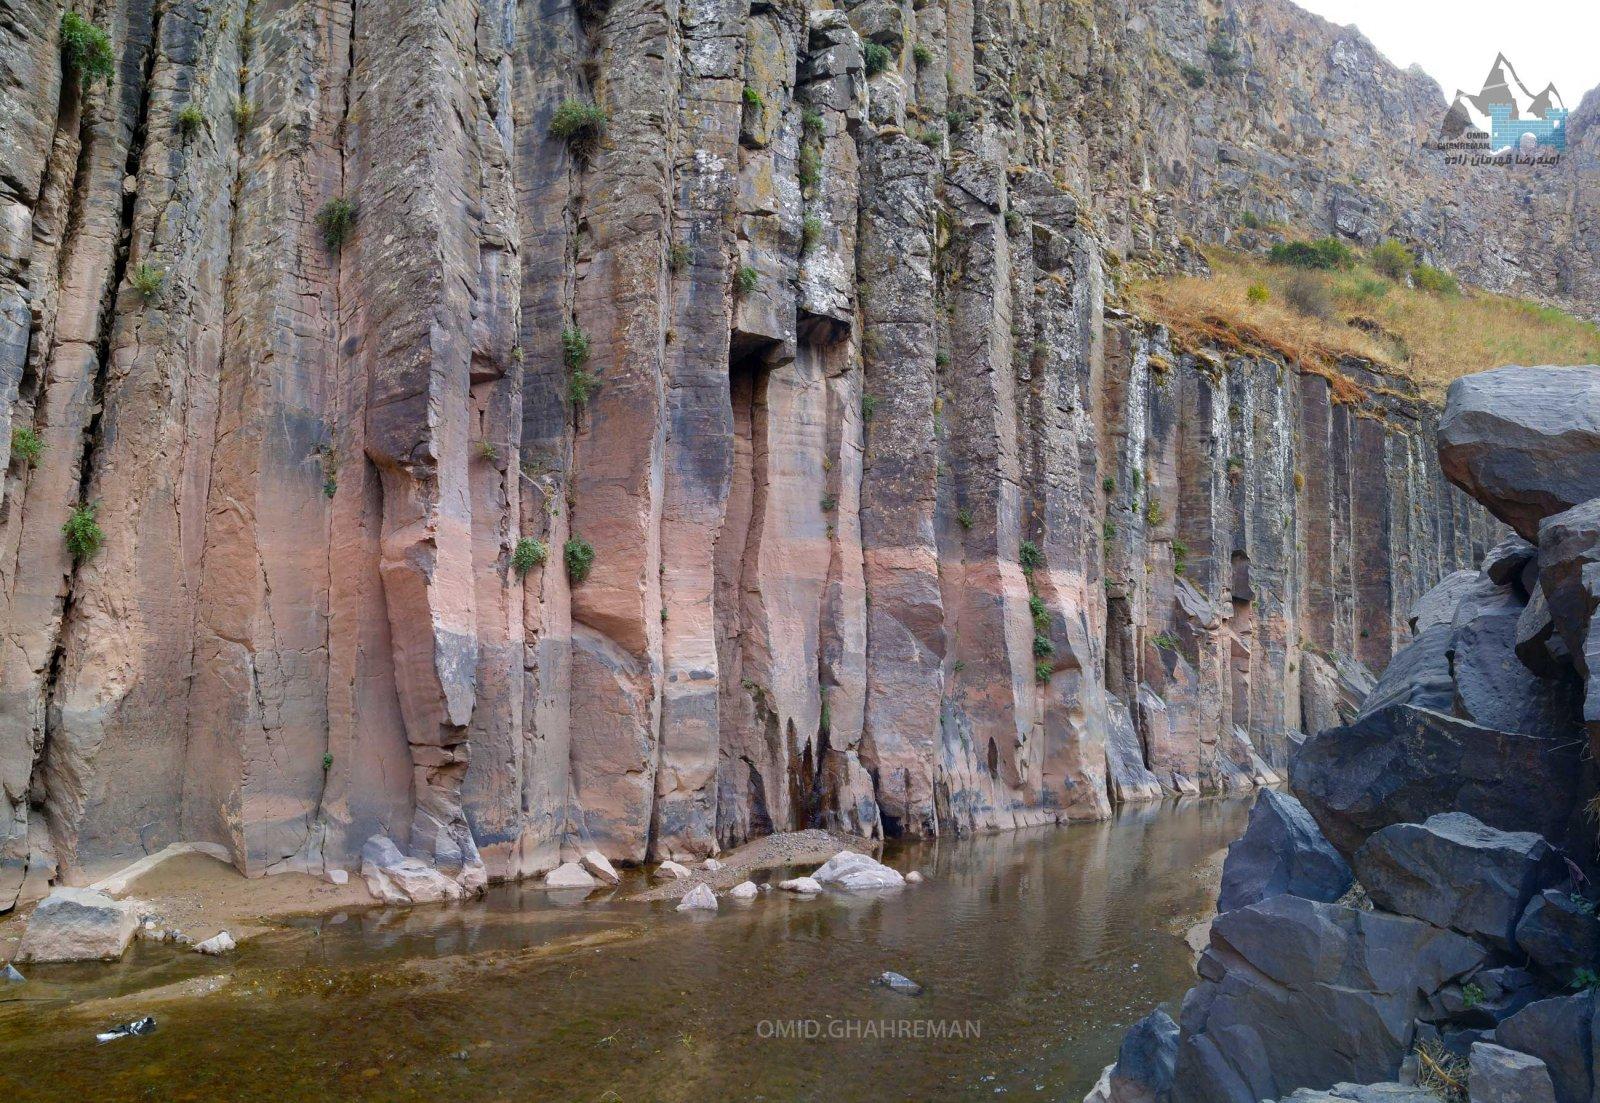 رودخانه میان ستونهای بازالتی